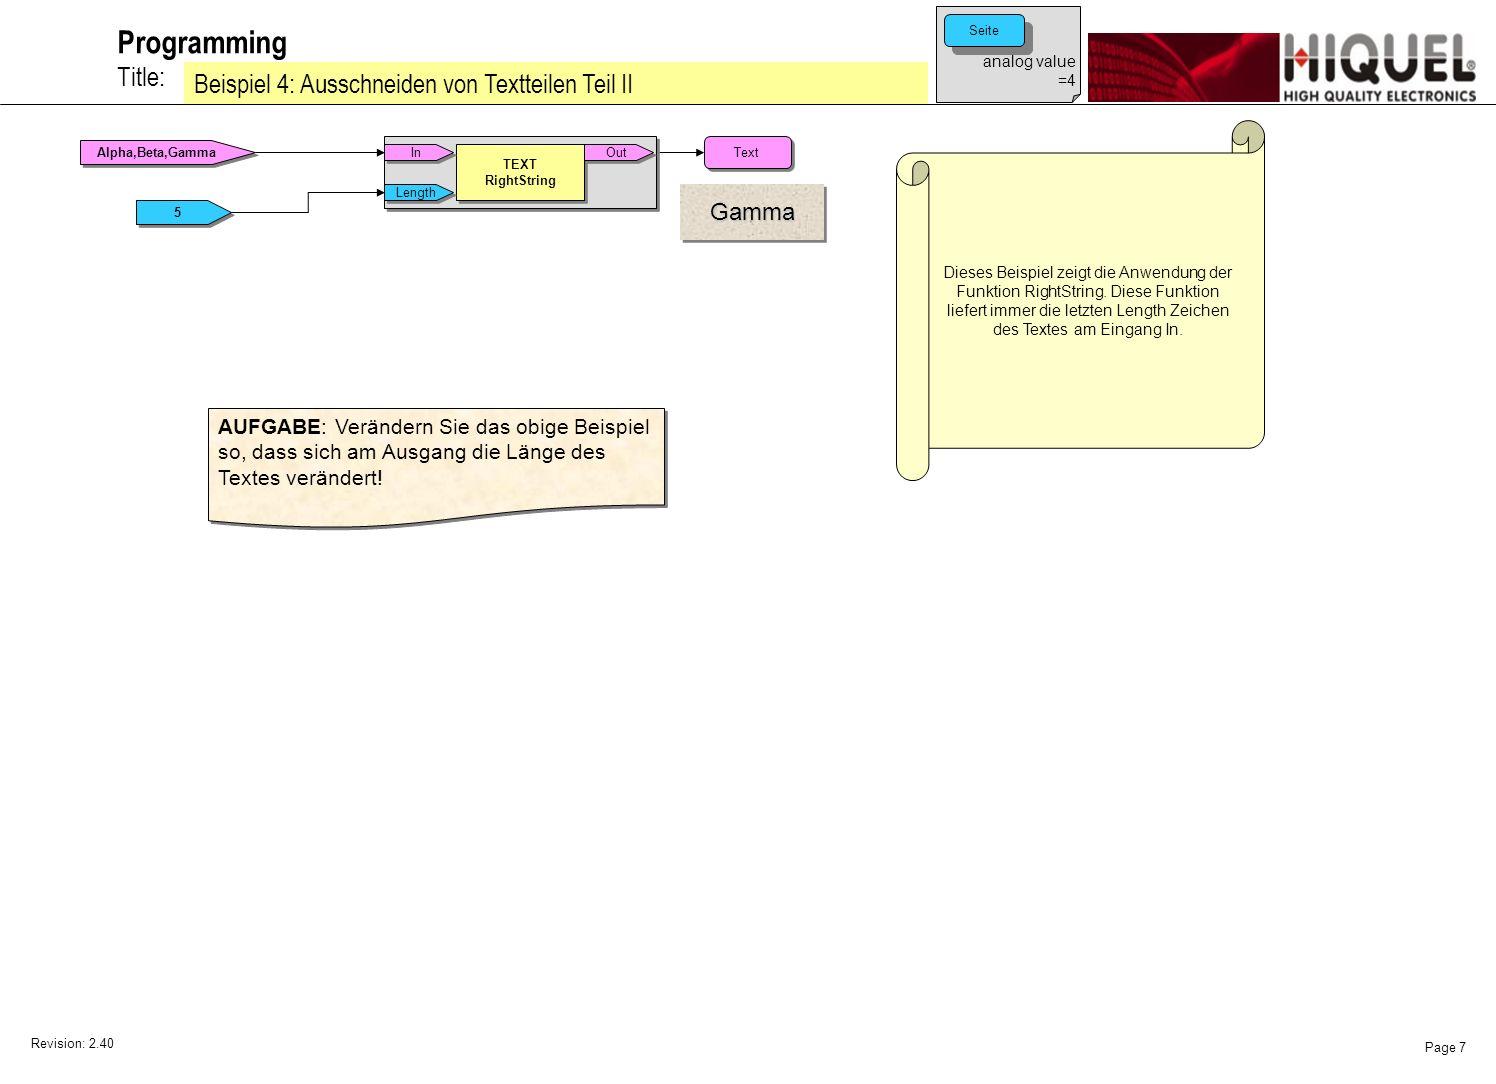 Revision: 2.40 Page 7 Title: Programming Beispiel 4: Ausschneiden von Textteilen Teil II Dieses Beispiel zeigt die Anwendung der Funktion RightString.